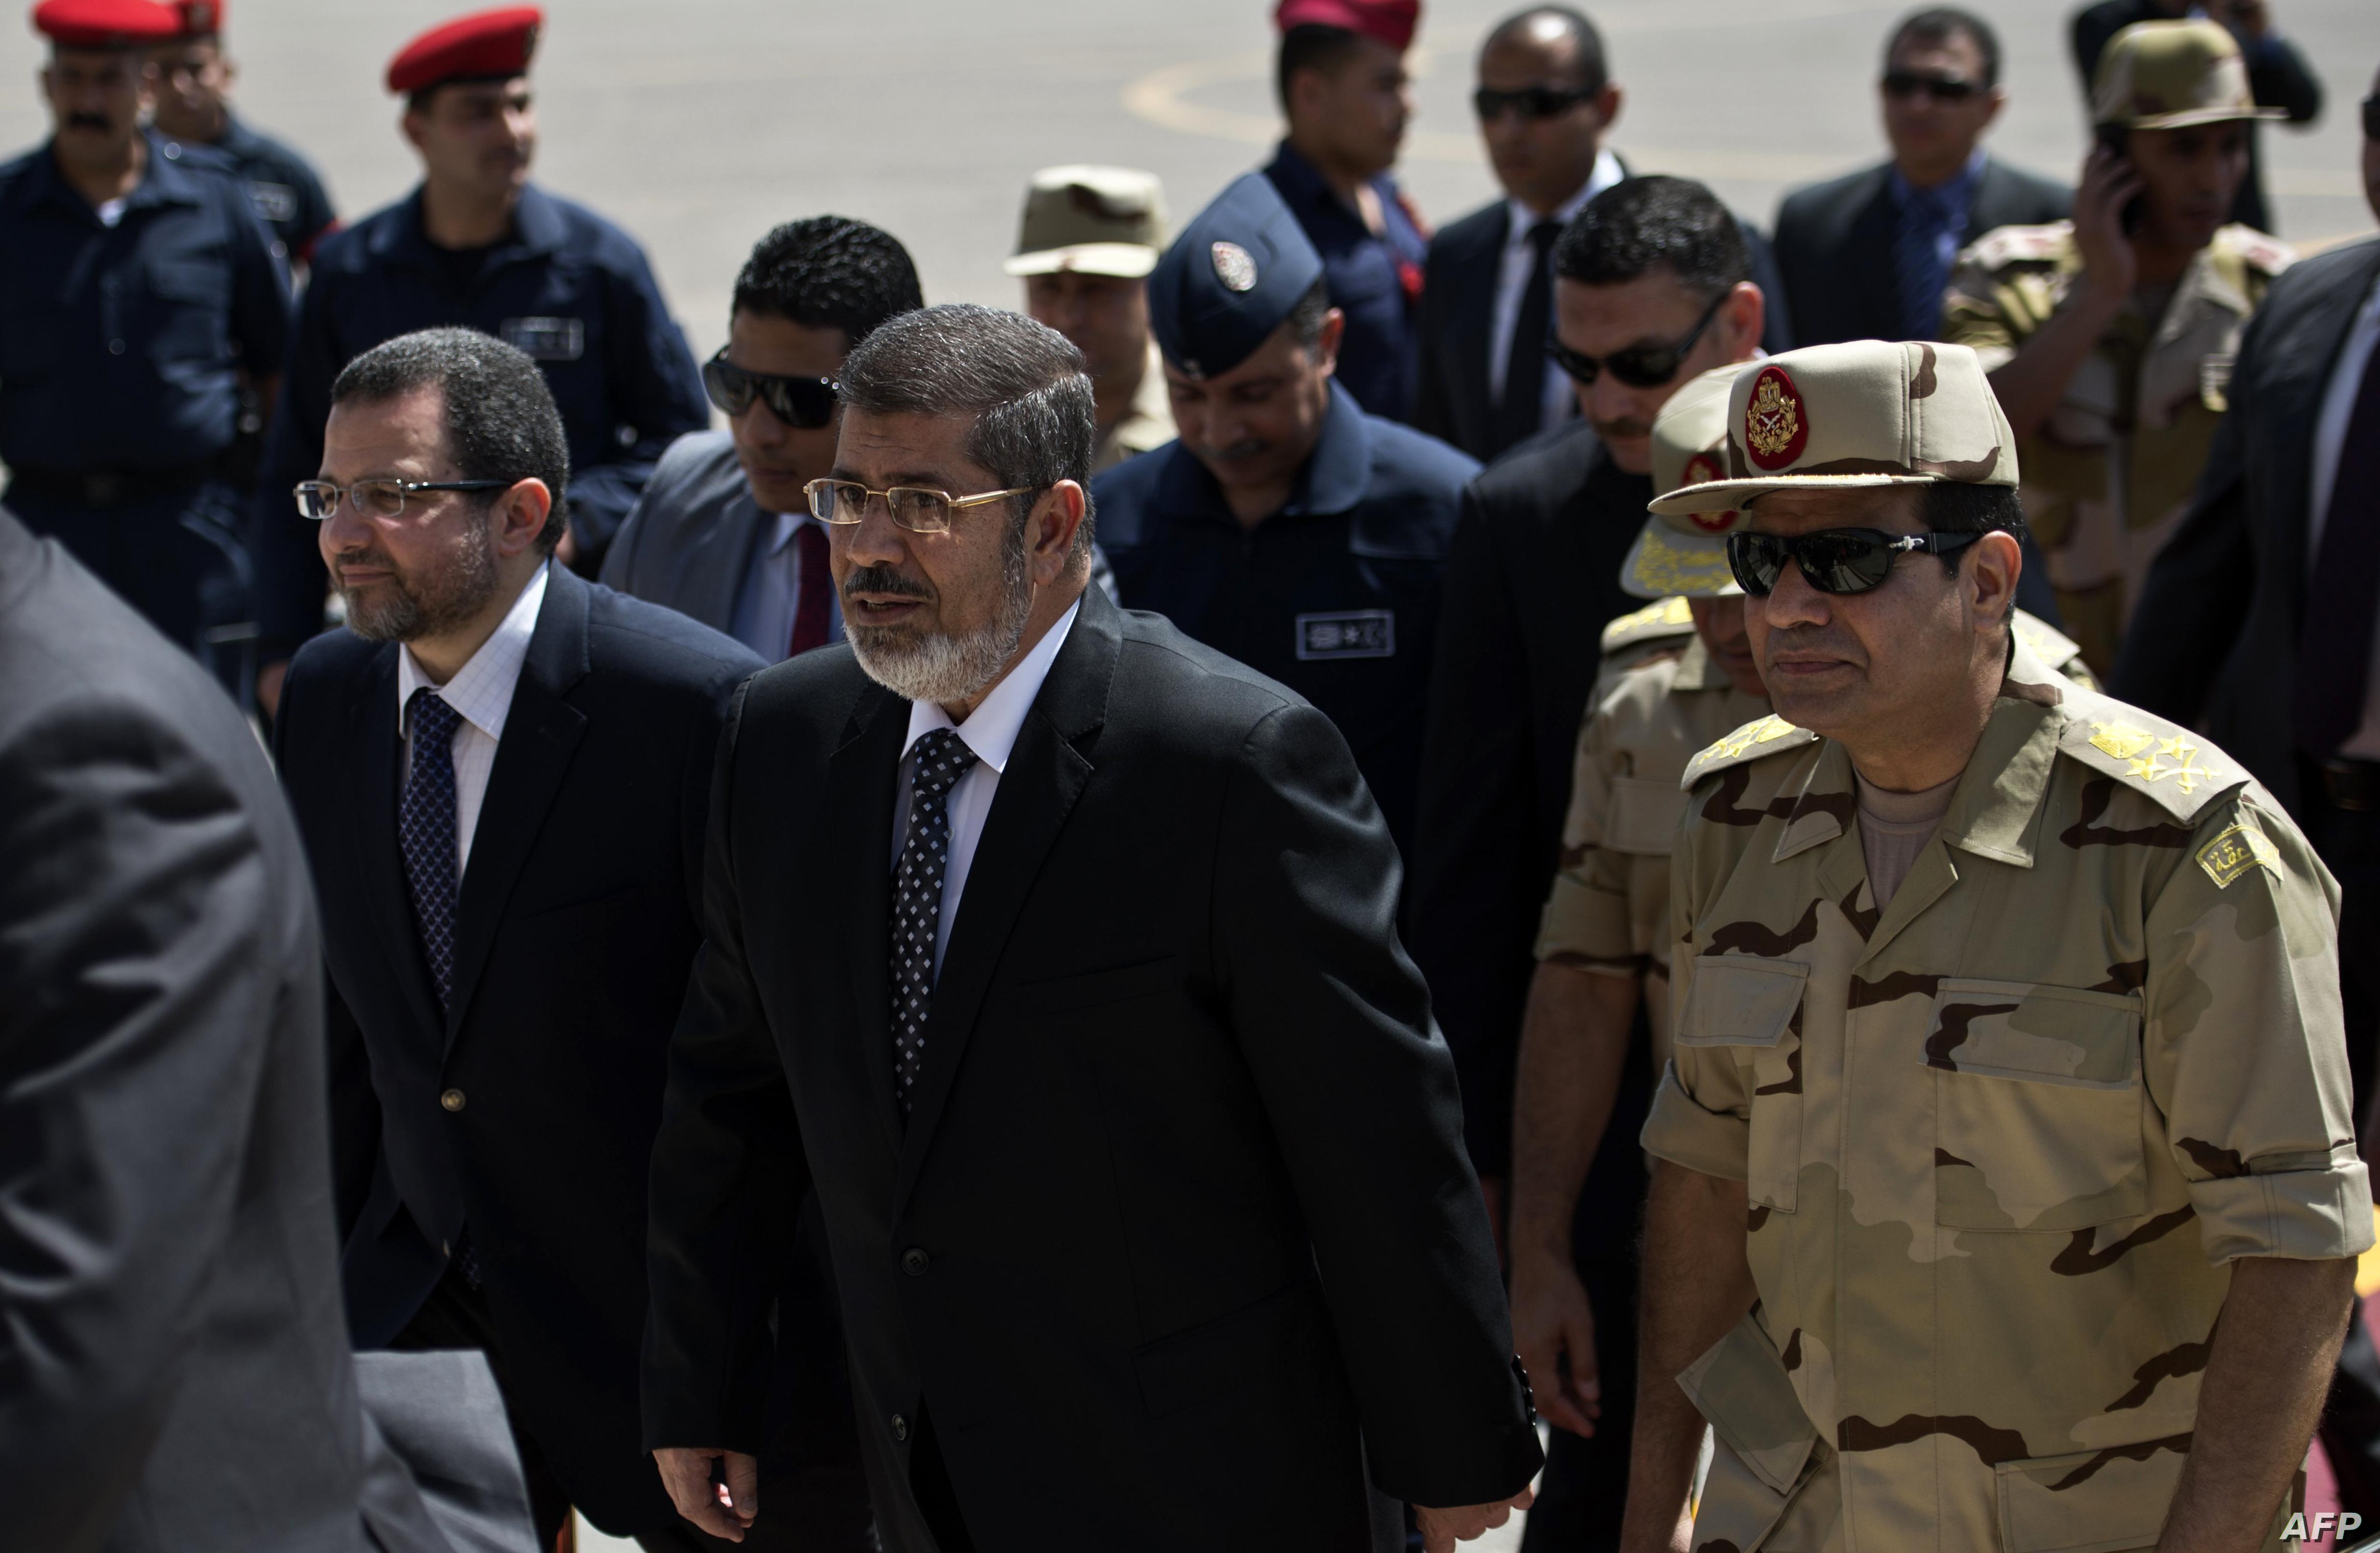 السيسي تنبأ بحكم مصر ومرسي صلى بالنبي Irfaasawtak